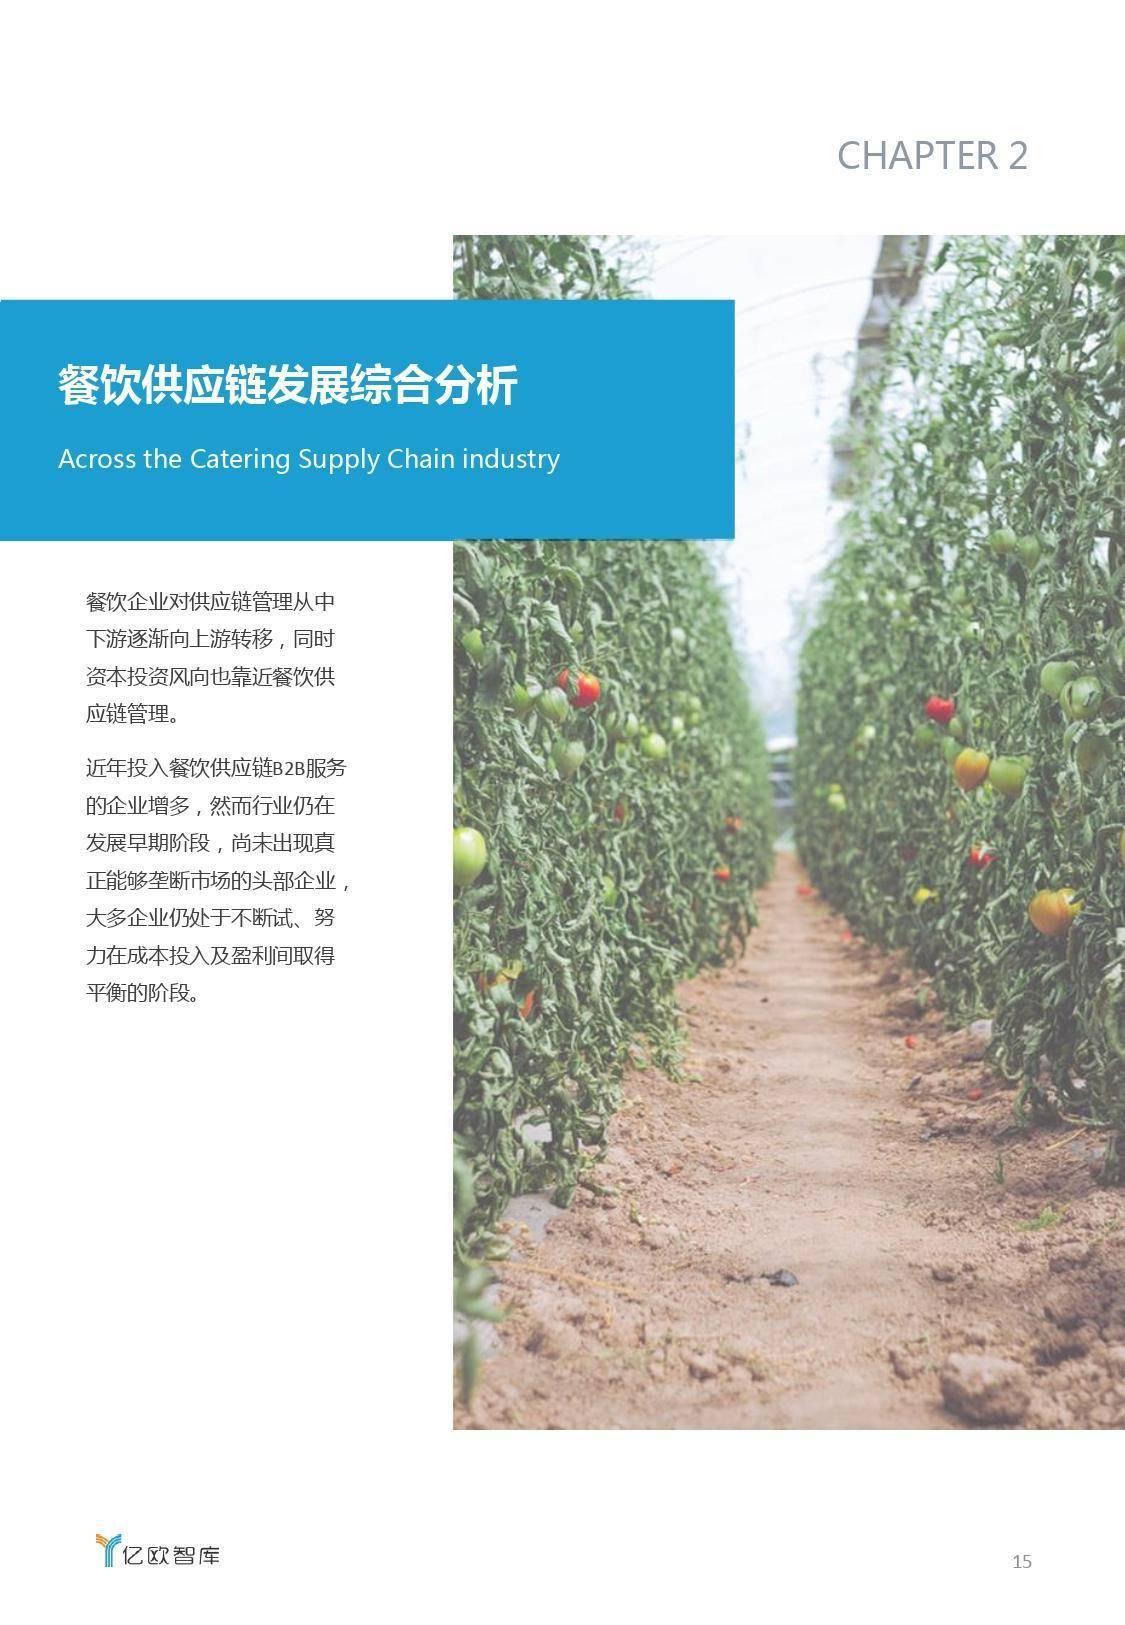 亿欧智库:2019餐饮供应链B2B服务行业研究报告